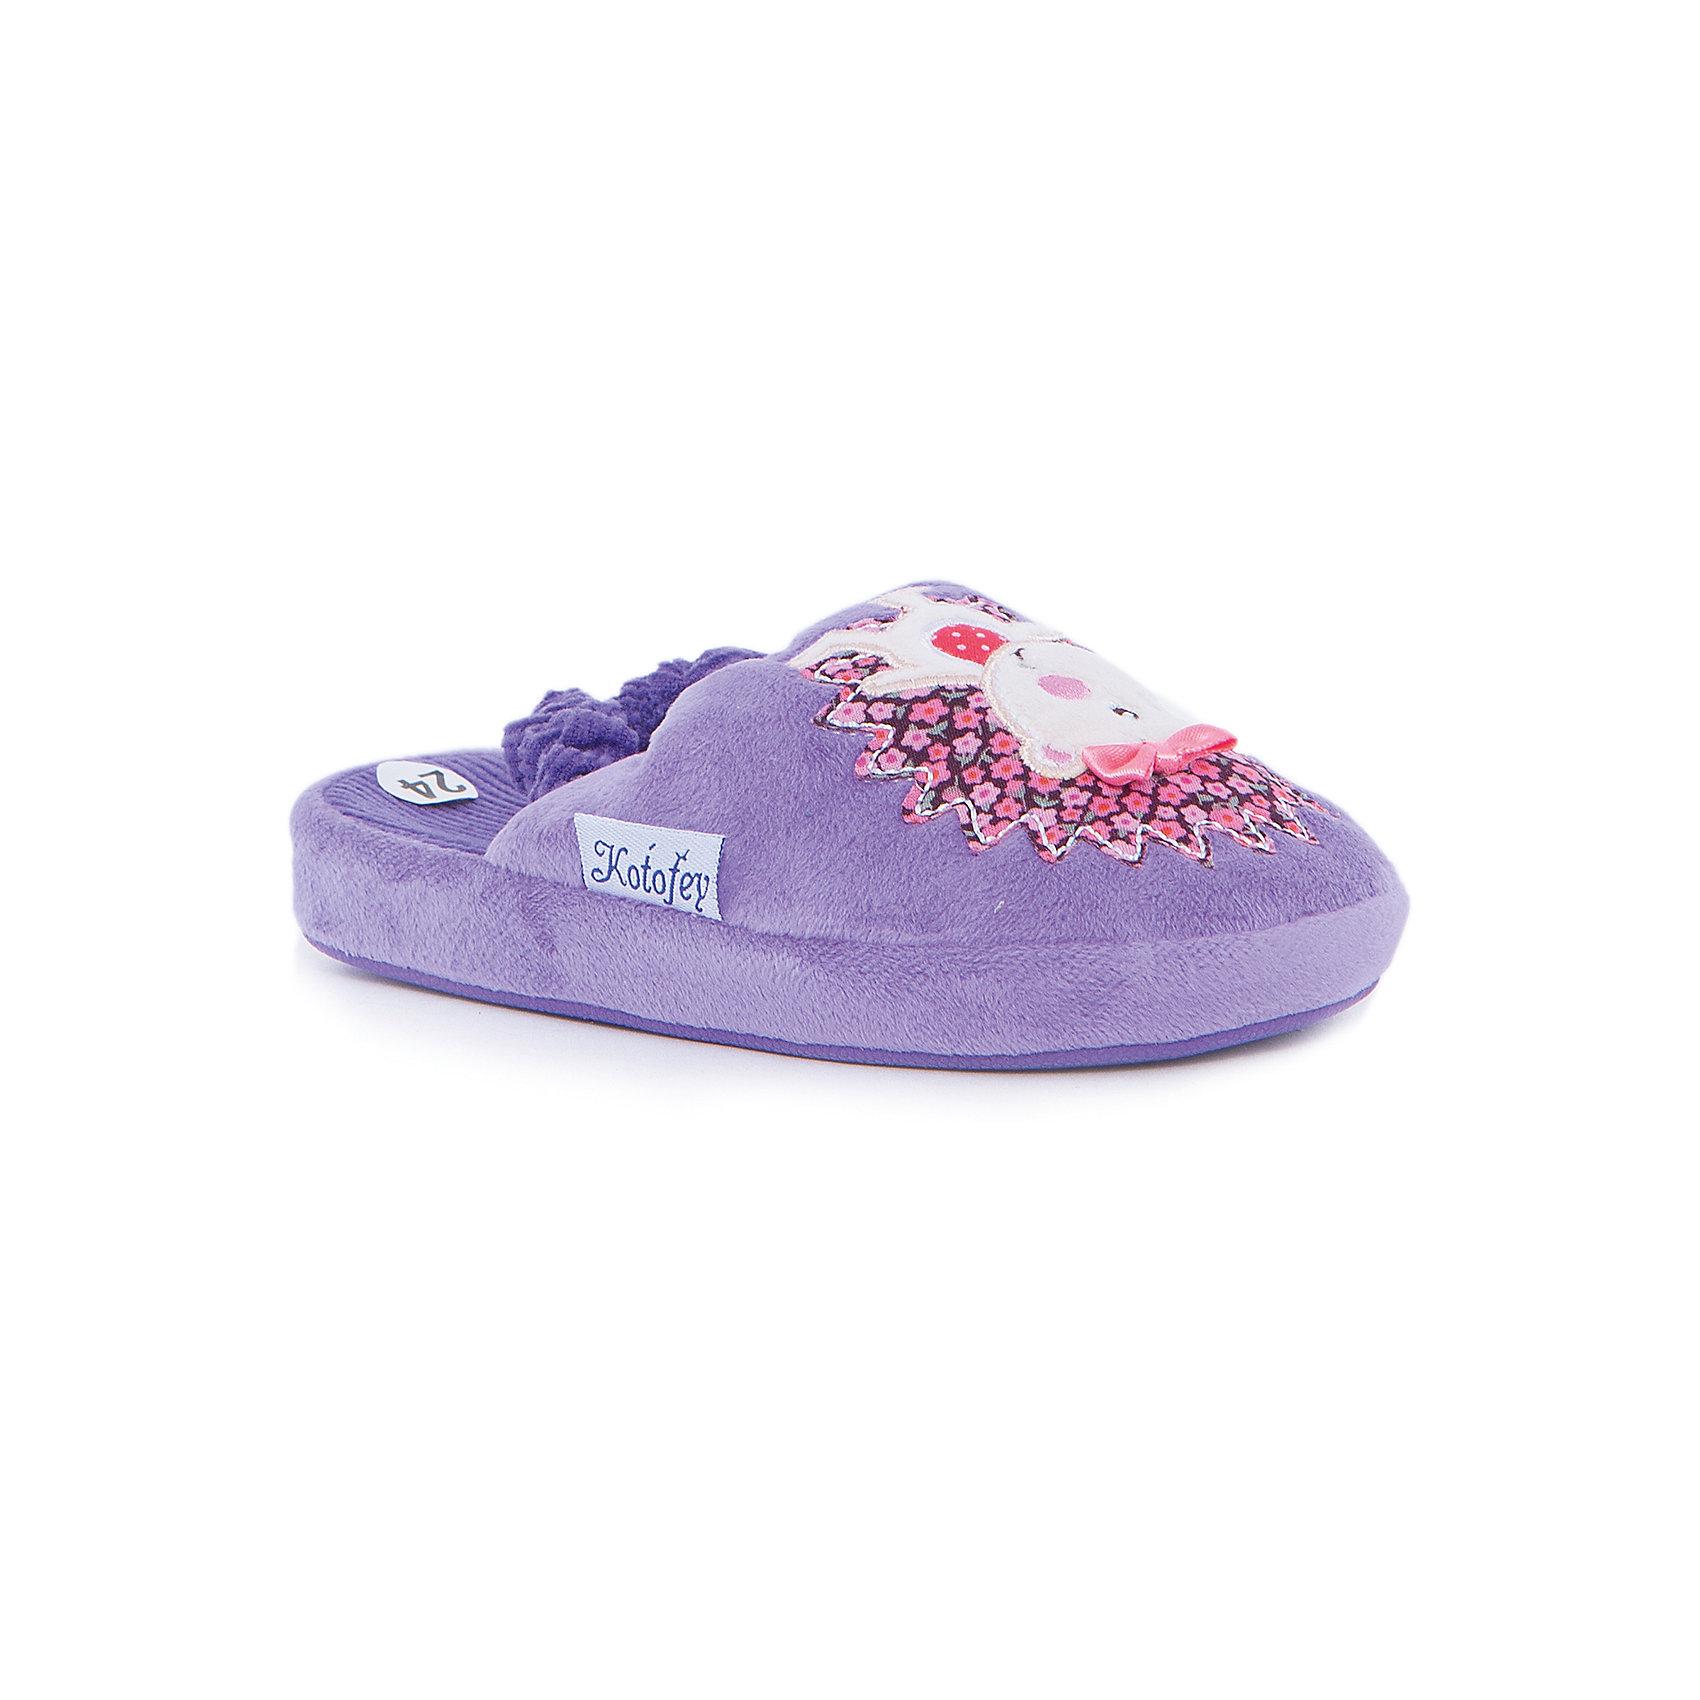 Домашние тапочки для девочки КотофейДомашние тапочки<br>Котофей – качественная и стильная детская обувь по доступным ценам. С каждым днем популярность бренда растет.  Обувь – отражение человека. Домашней обуви необходимо уделять такое же внимание, как и уличной. Милые тапочки с популярным героем станут любимым предметом гардероба маленькой модницы. Такая домашняя обувь одновременно и согреет и будет стильным аксессуаром к любимой пижамке подходящего цвета.<br><br>Дополнительная информация:<br><br>цвет: цветной;<br>крепление: клеевое.<br><br>Состав:<br>верх – утепленный текстиль;<br>материал подклада – текстиль;<br>подошва – ТЭП.<br><br>Цветные тапочки для девочек дошкольного возраста из текстиля от фирмы Котофей можно приобрести в нашем магазине.<br><br>Ширина мм: 219<br>Глубина мм: 158<br>Высота мм: 118<br>Вес г: 274<br>Цвет: лиловый<br>Возраст от месяцев: 21<br>Возраст до месяцев: 24<br>Пол: Женский<br>Возраст: Детский<br>Размер: 24,28,29,26,27,25<br>SKU: 4982025